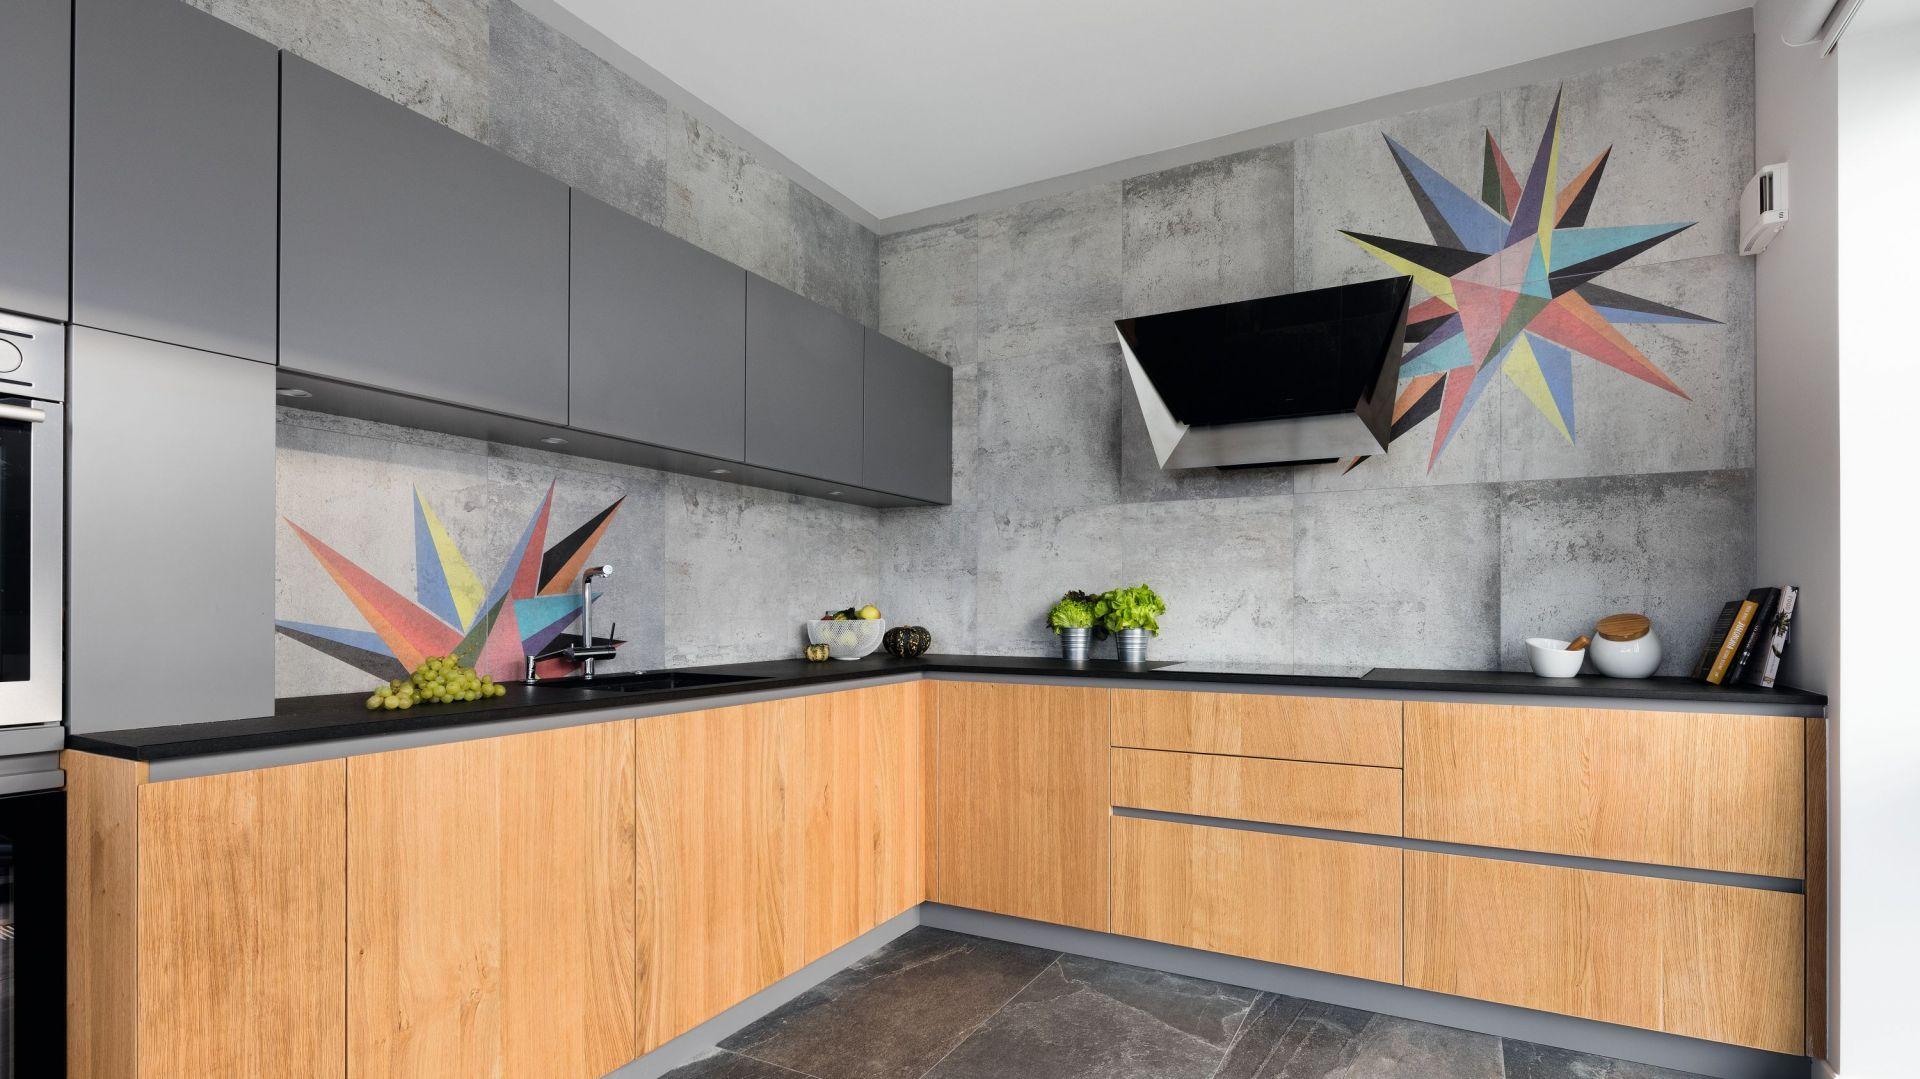 Zestawienie koloru szarego z drewnem świetnie sprawdził się w nowoczesnej kuchni. Jest elegancko i przytulnie. Projekt: Magdalena Lehmann. Fot. Bartosz Jarosz